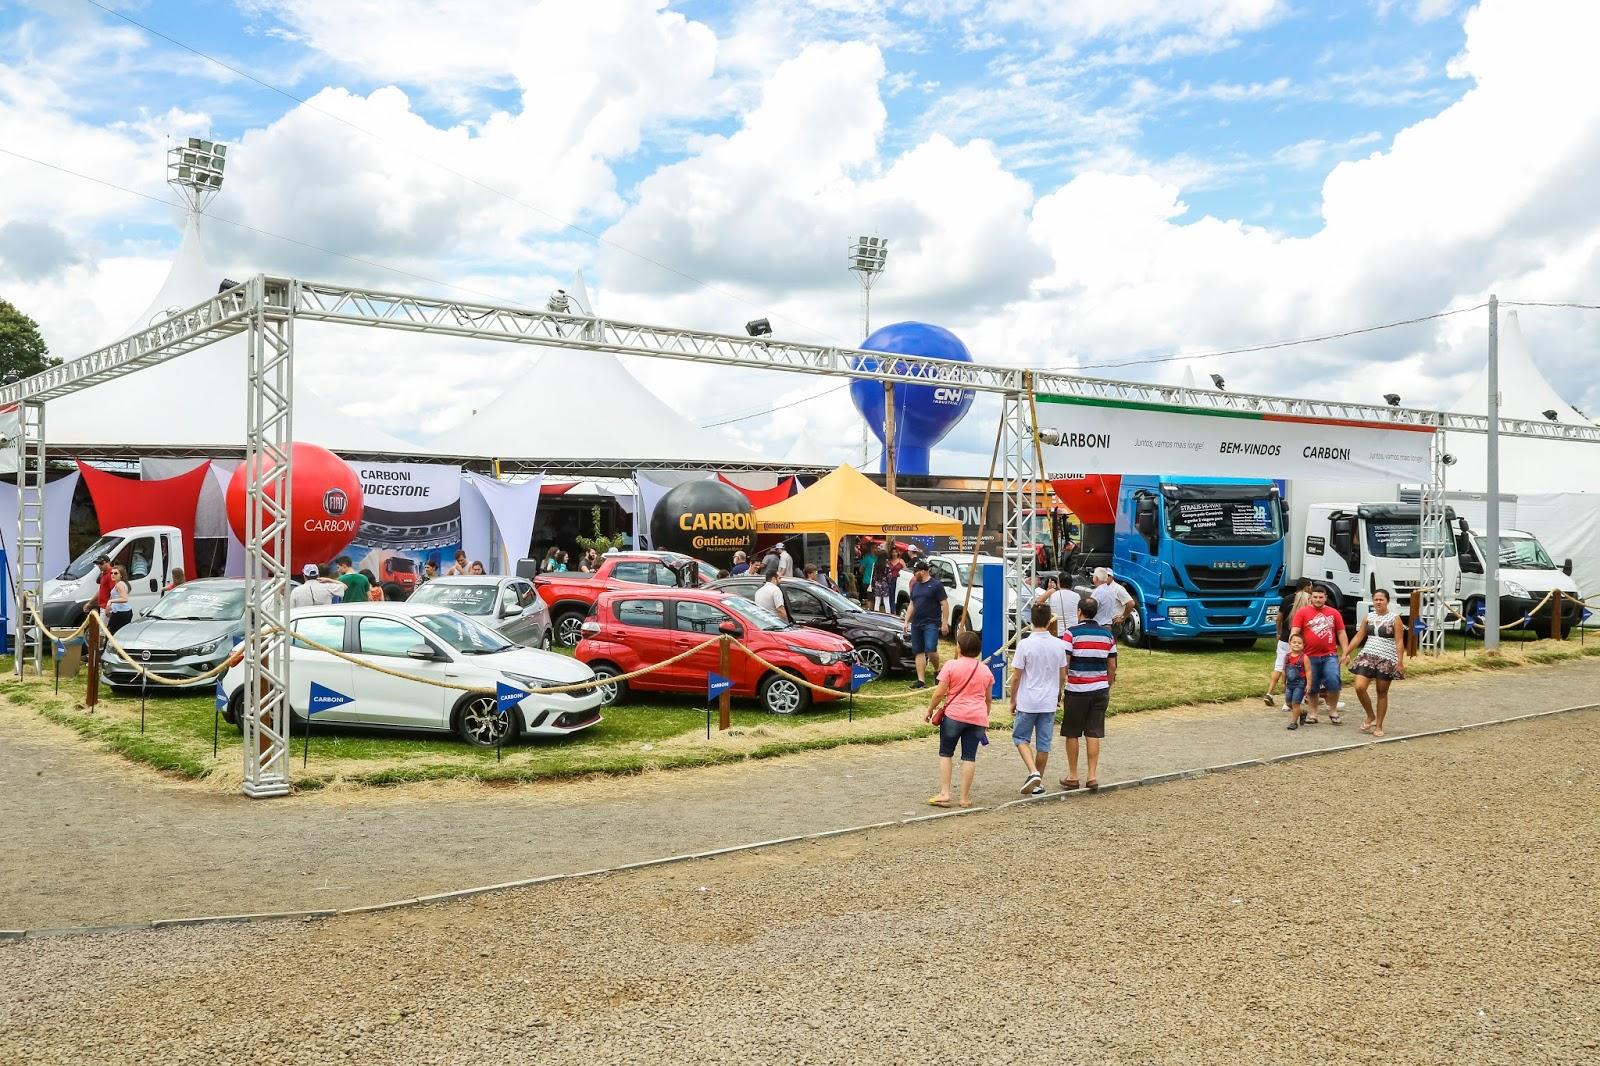 Carboni comercializa mais de 50 produtos na Expo Videira 2018 IMG 5489